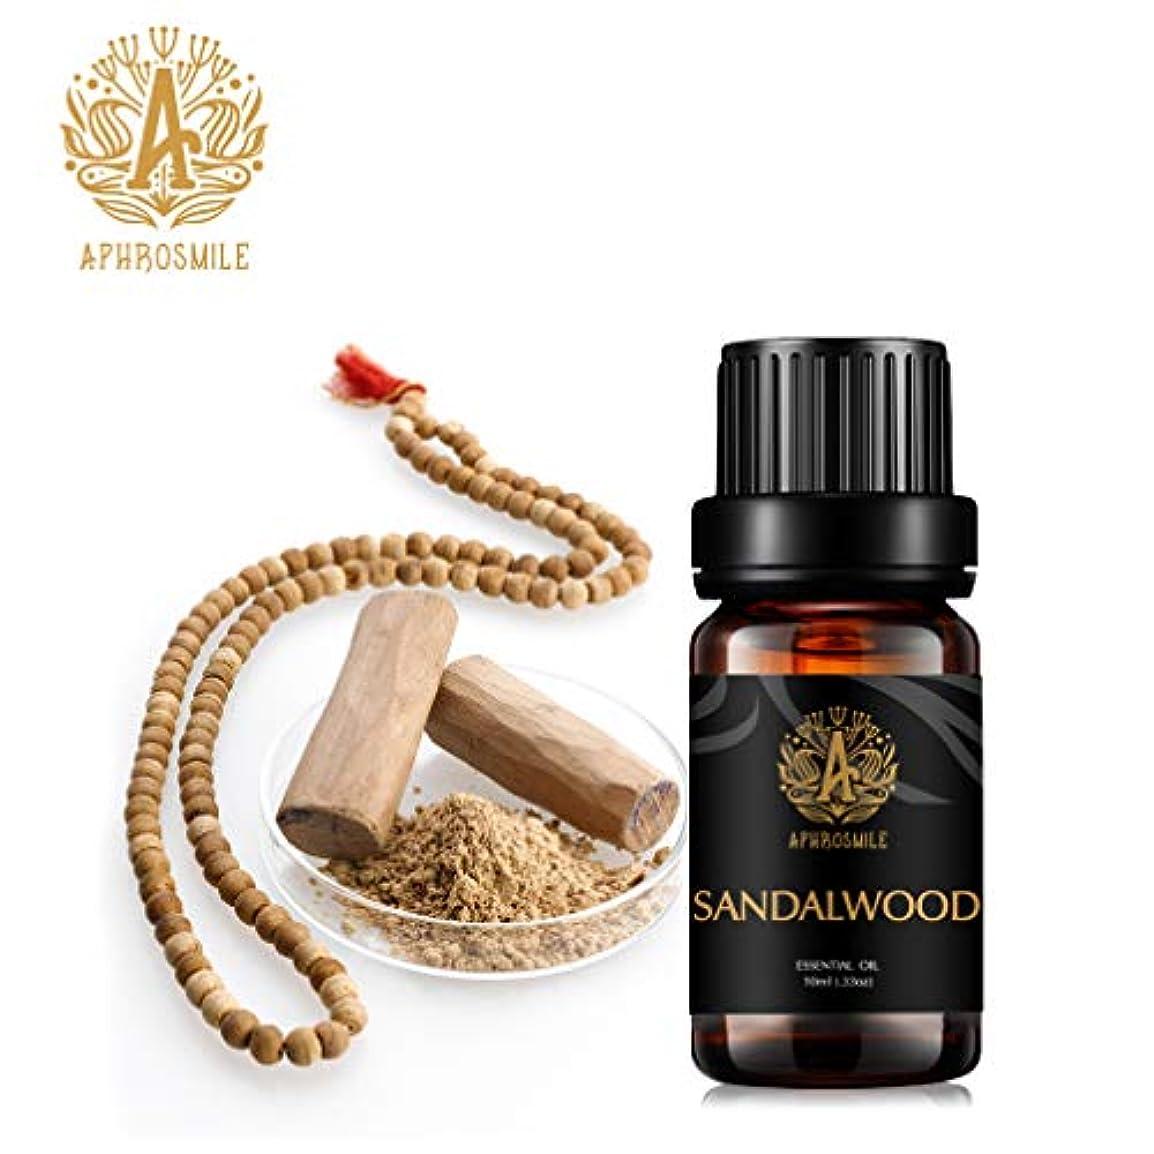 木材申し立てられたオーバーランサンダルウッドエッセンシャルオイル、100%ピュアアロマセラピーエッセンシャルオイルサンダルウッドの香り、不安を和らげる、治療用グレードサンダルウッドフレグランスエッセンシャルオイル為にディフューザー、マッサージ、加湿器...